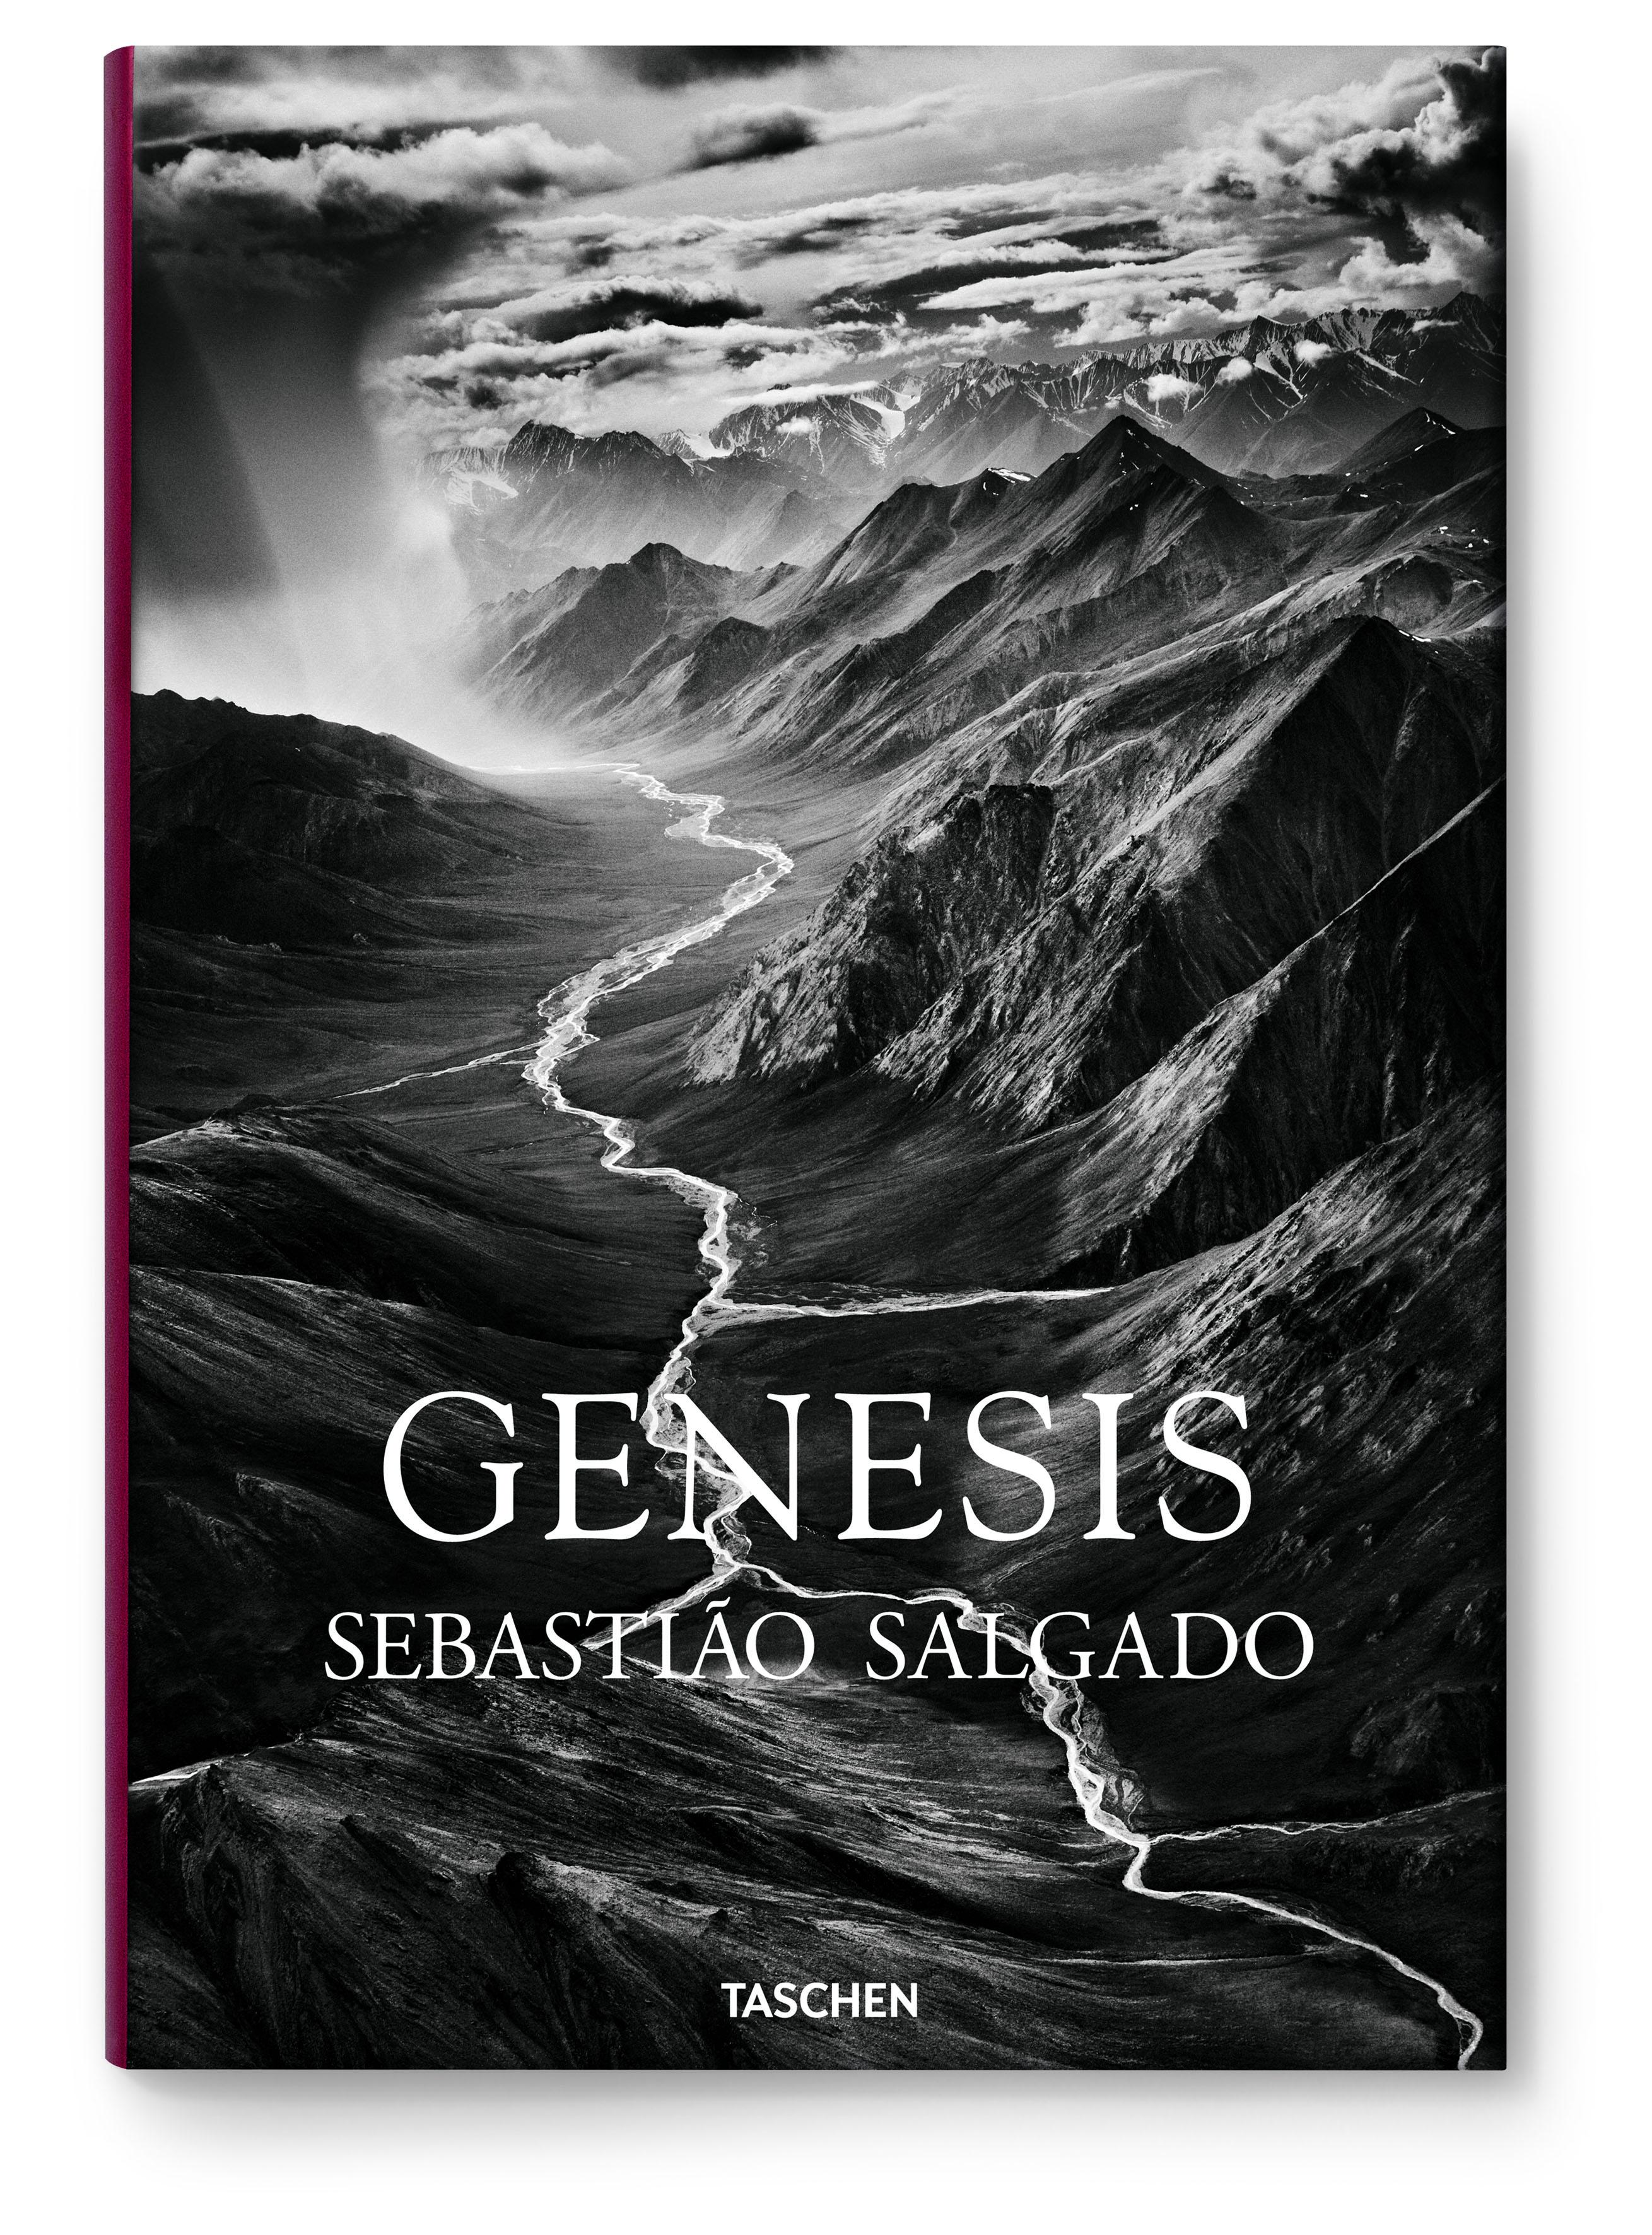 (c) Sebastiao Salgado